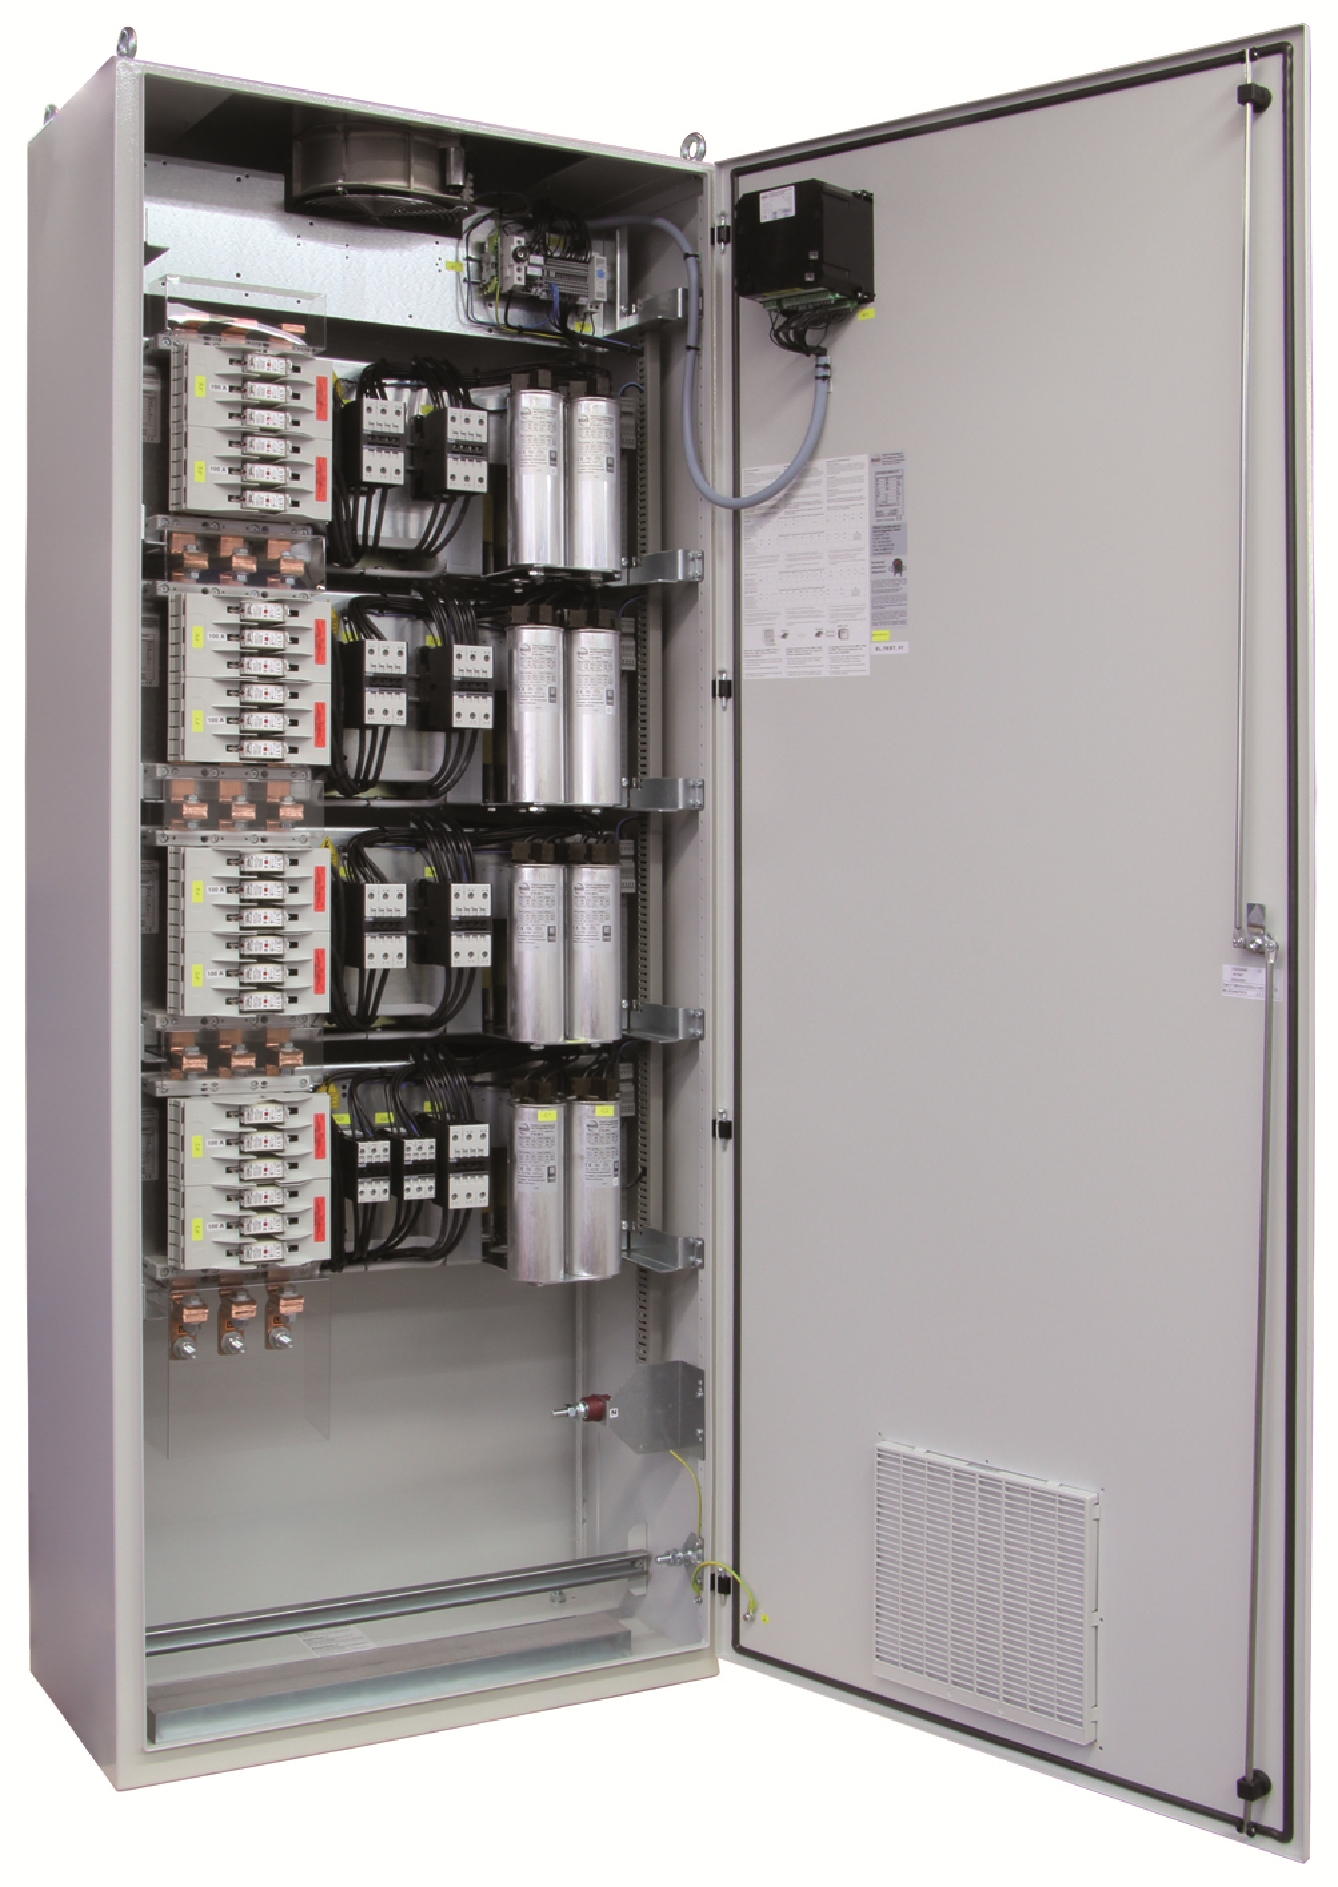 1 Stk Kompensation LSFC 7% 250/25kvar 800x2000x400mm FR3422676-